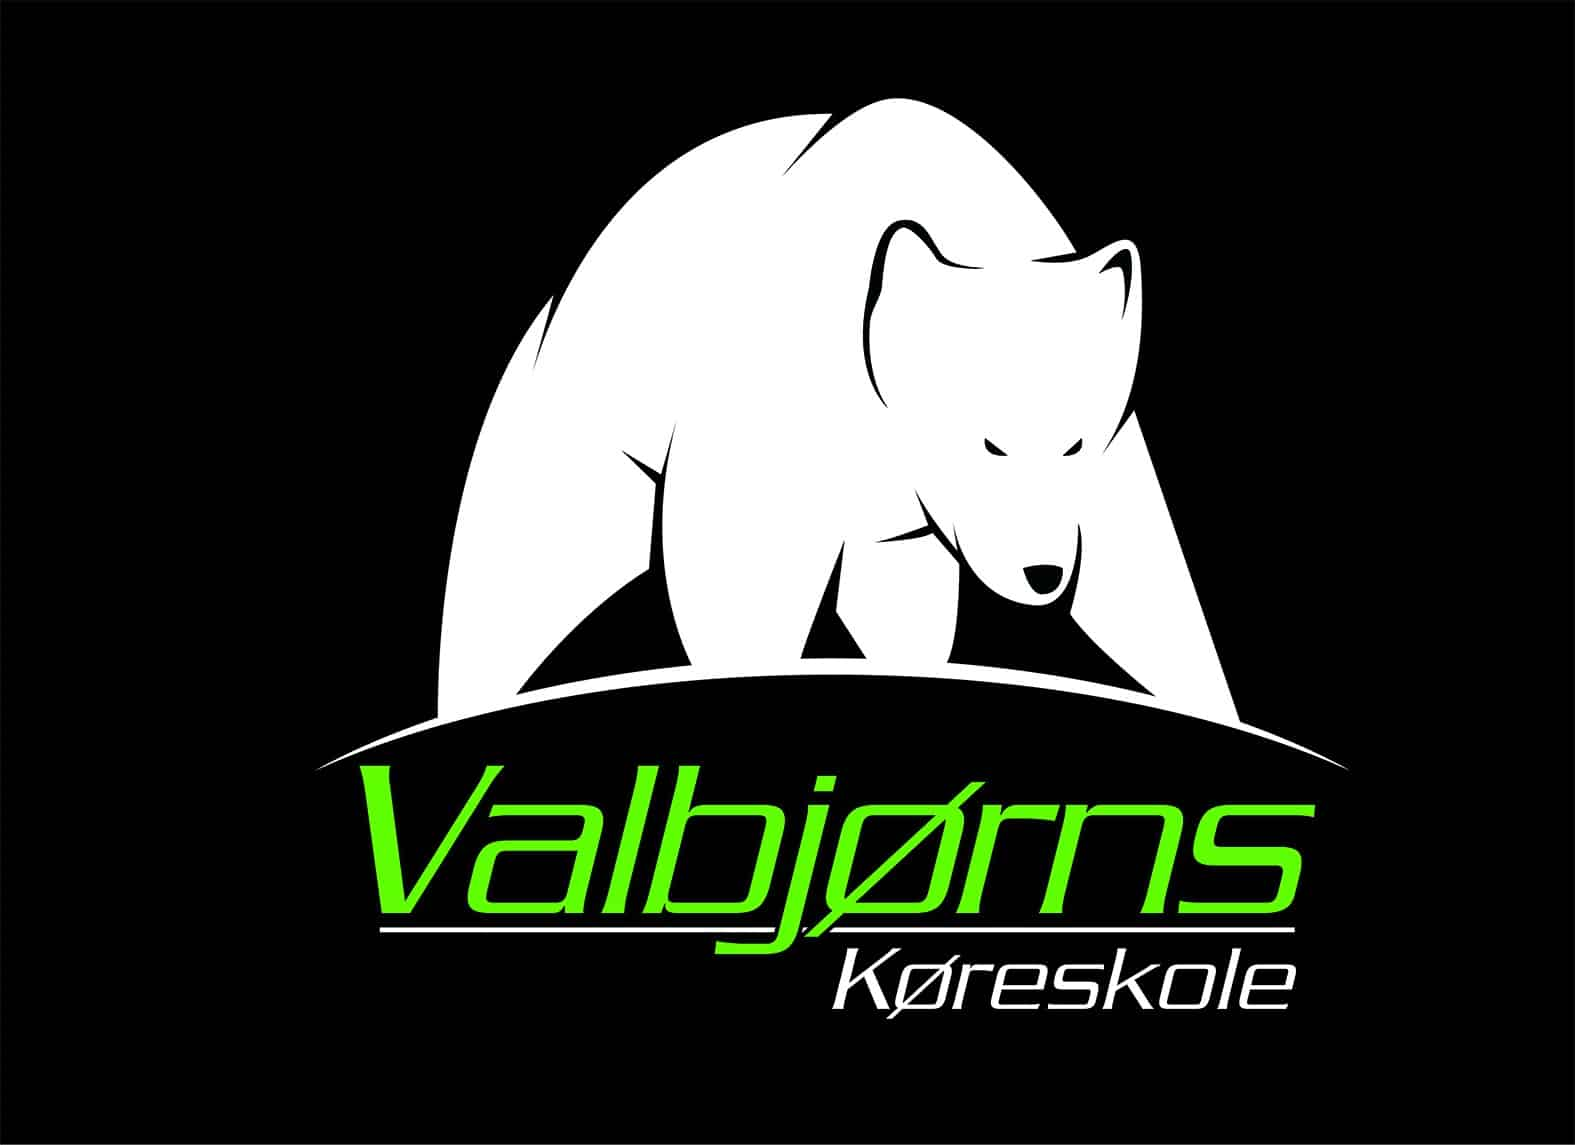 Valbjørns køreskole